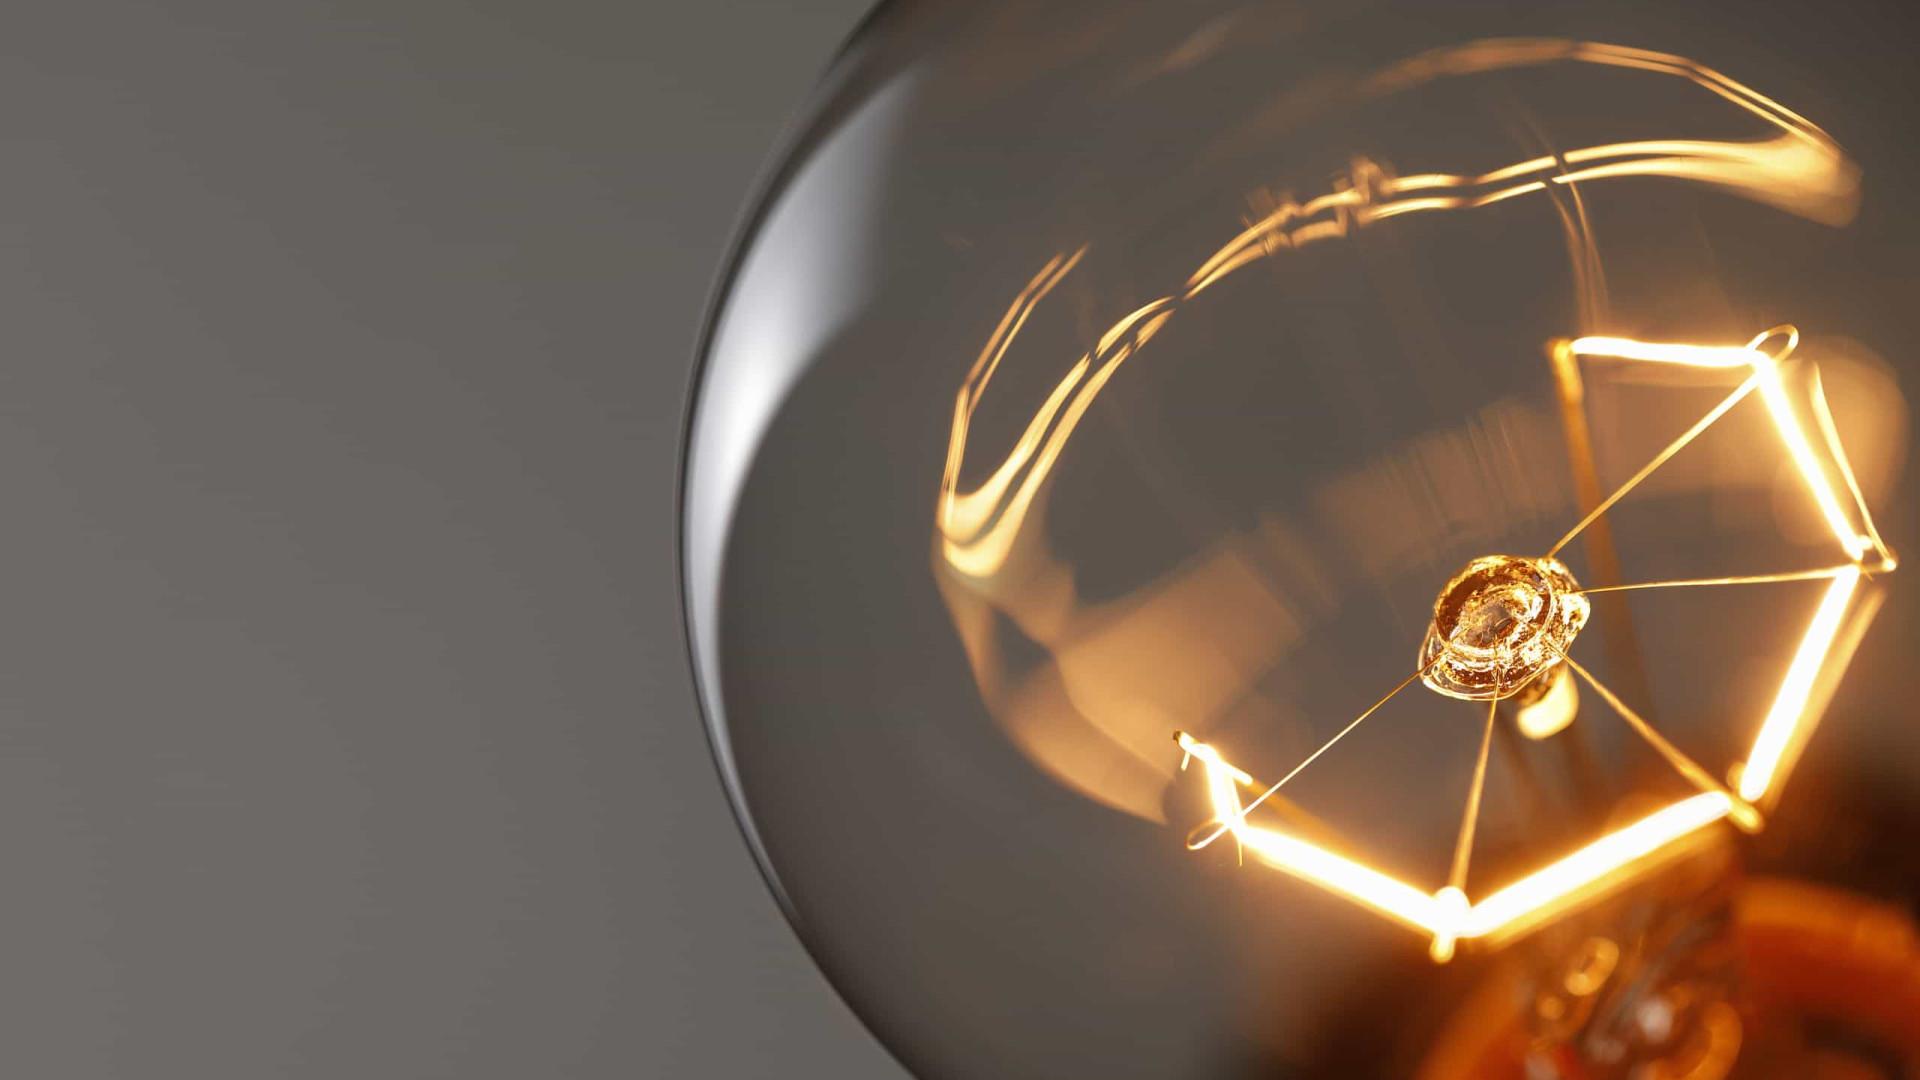 Conhece as fontes da energia que consome? ERSE lança simulador